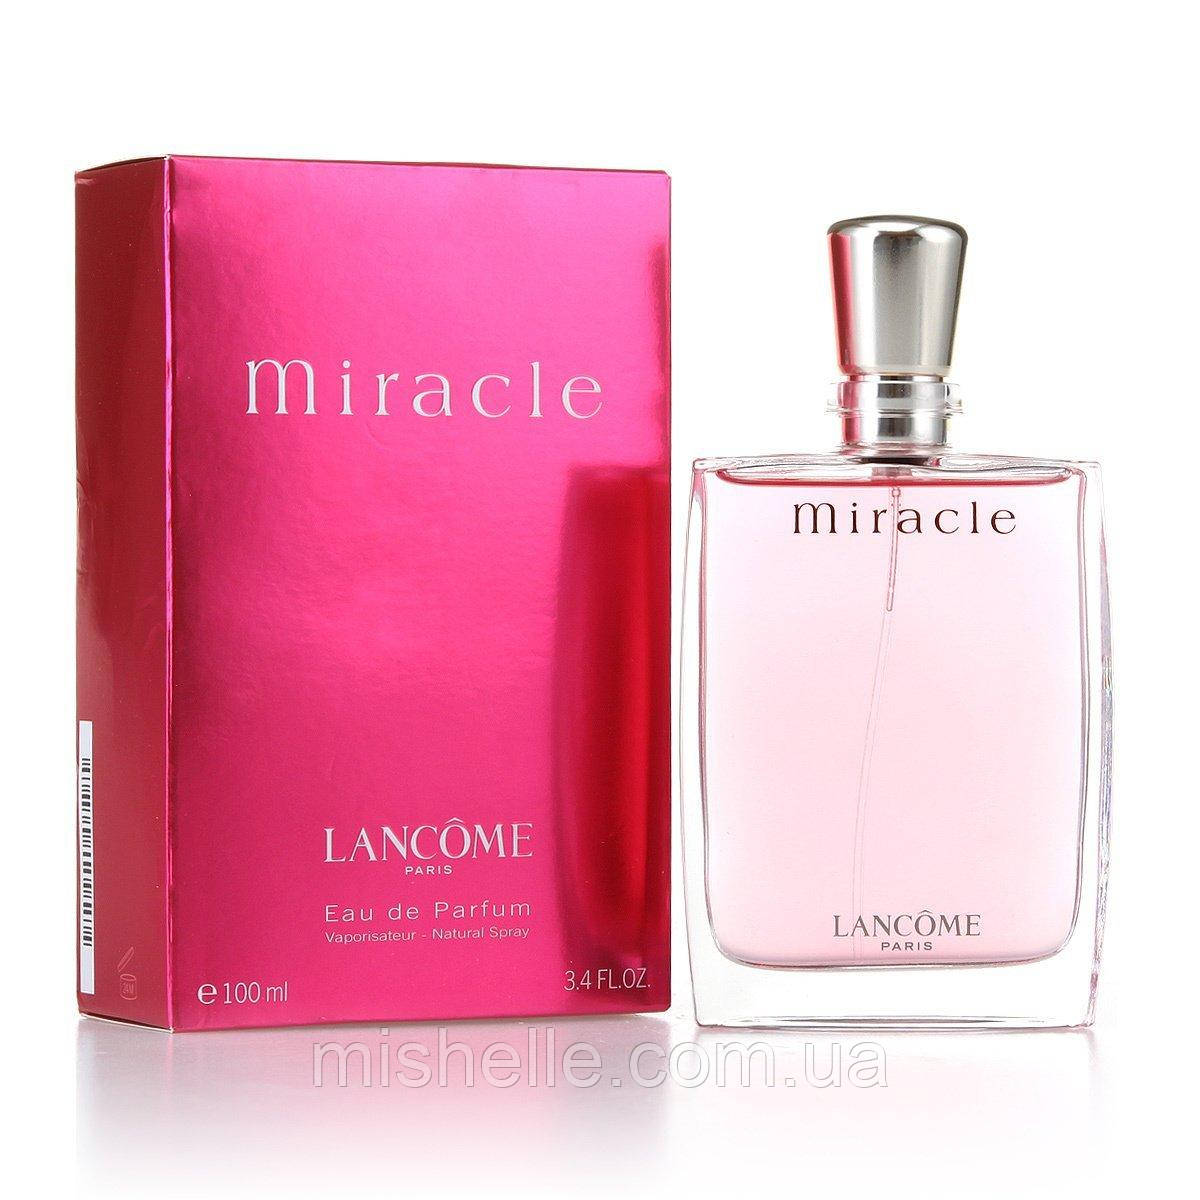 Женский парфюм Lancome Miracle (Ланком Миракл) реплика